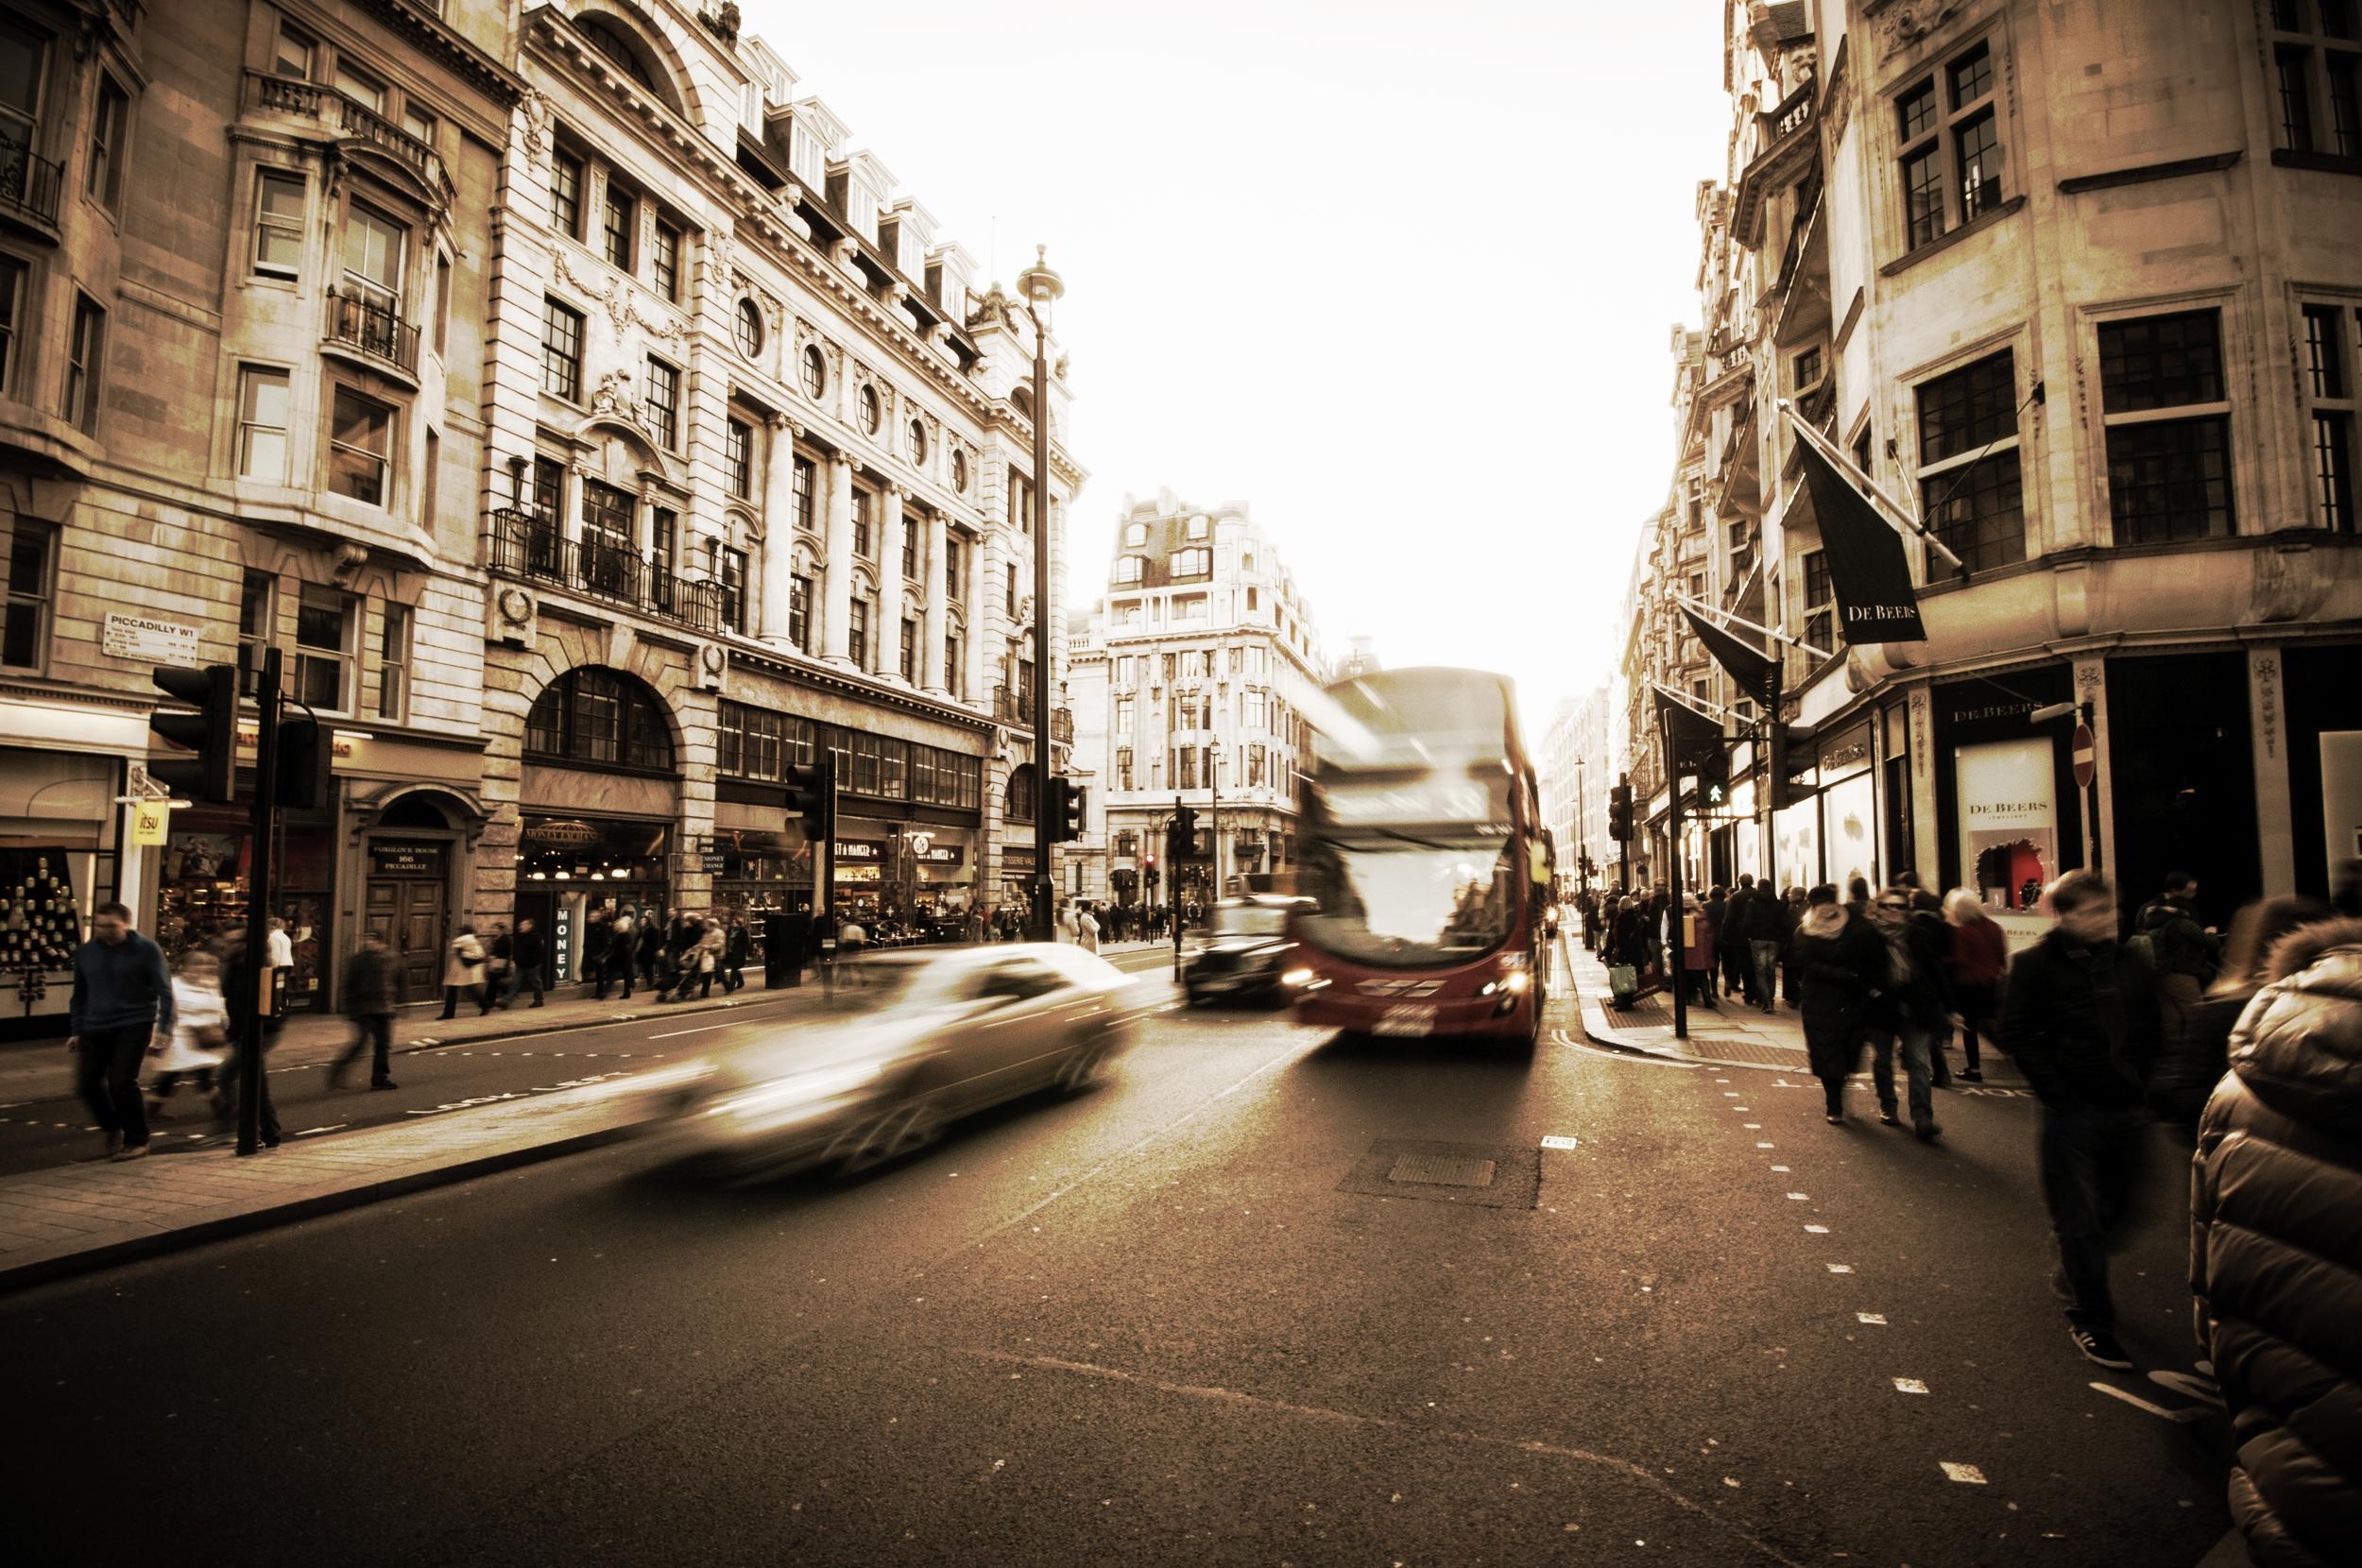 city-cars-people-street.jpeg